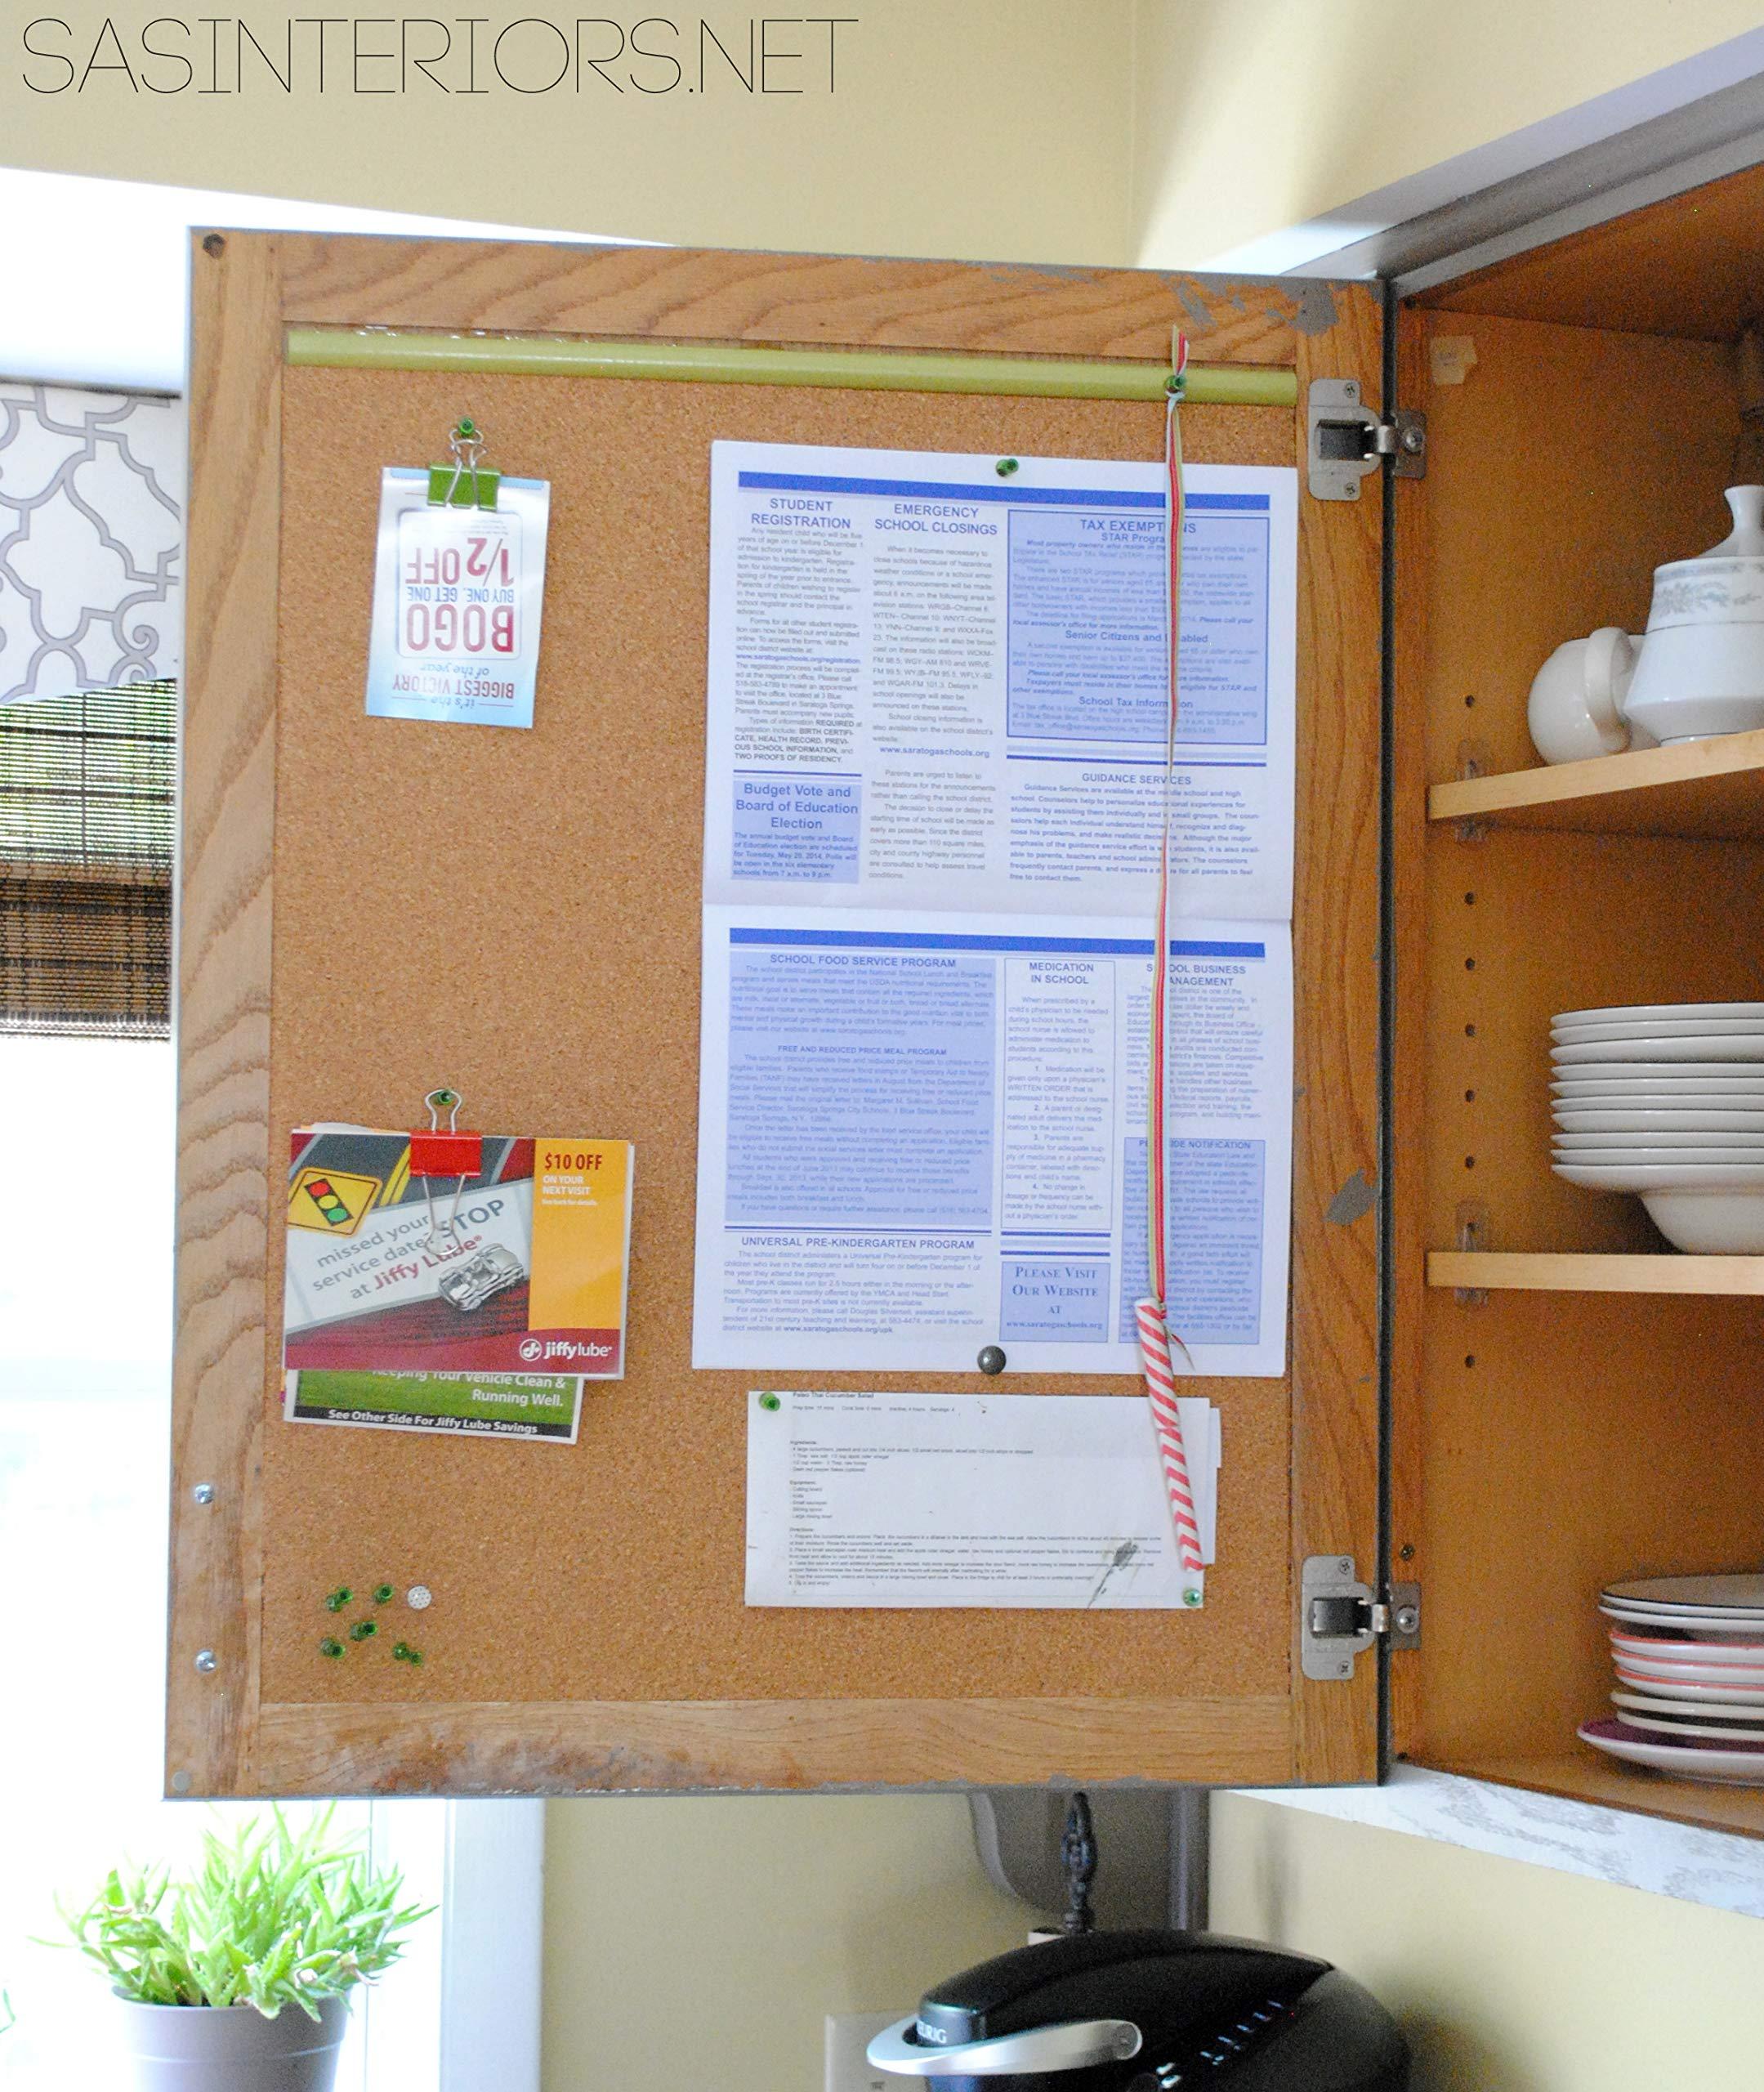 VViViD Adhesive Backed Natural Texture Cork Board Sheet Paper Long Roll (17.9 Inch x 10ft) by VViViD